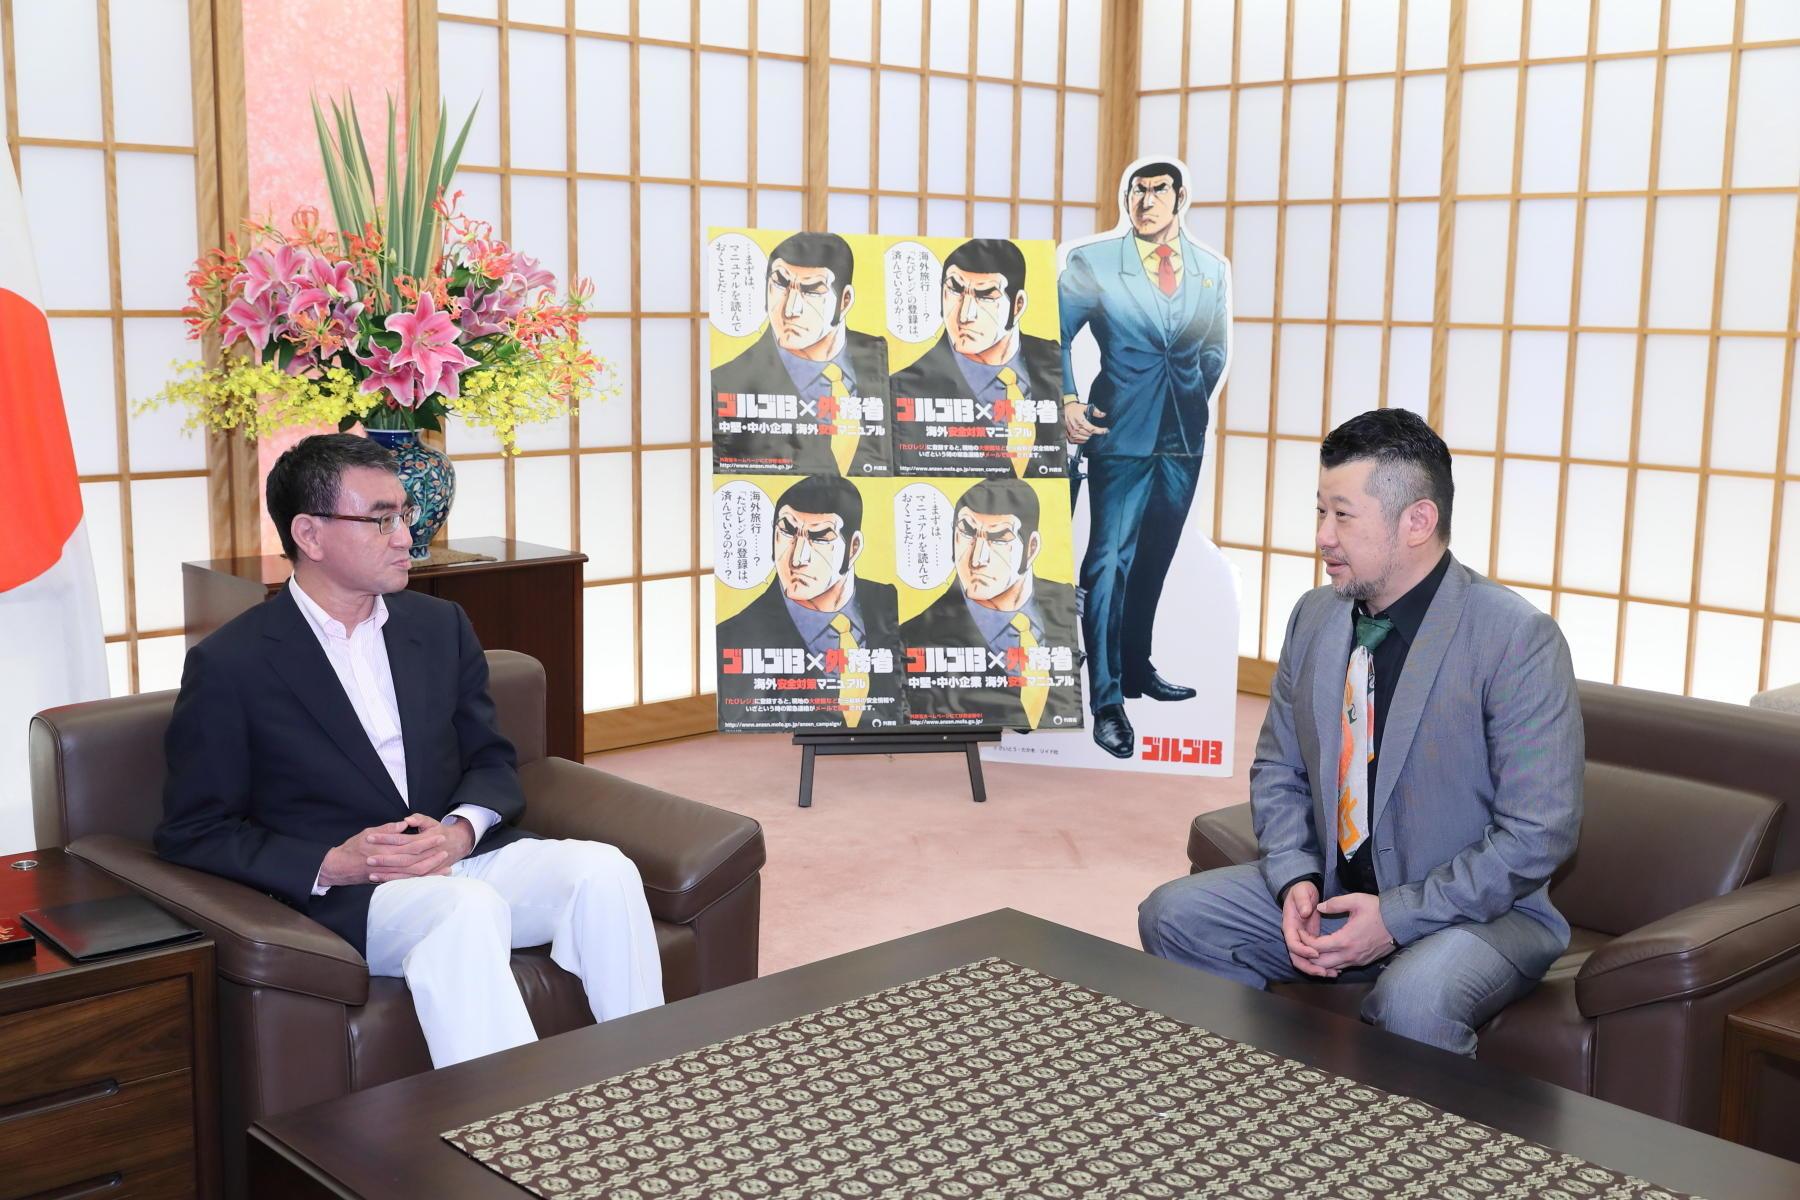 http://news.yoshimoto.co.jp/20180706231826-03fe7a741e96e7d02a7880298e59a4fd73753c22.jpg